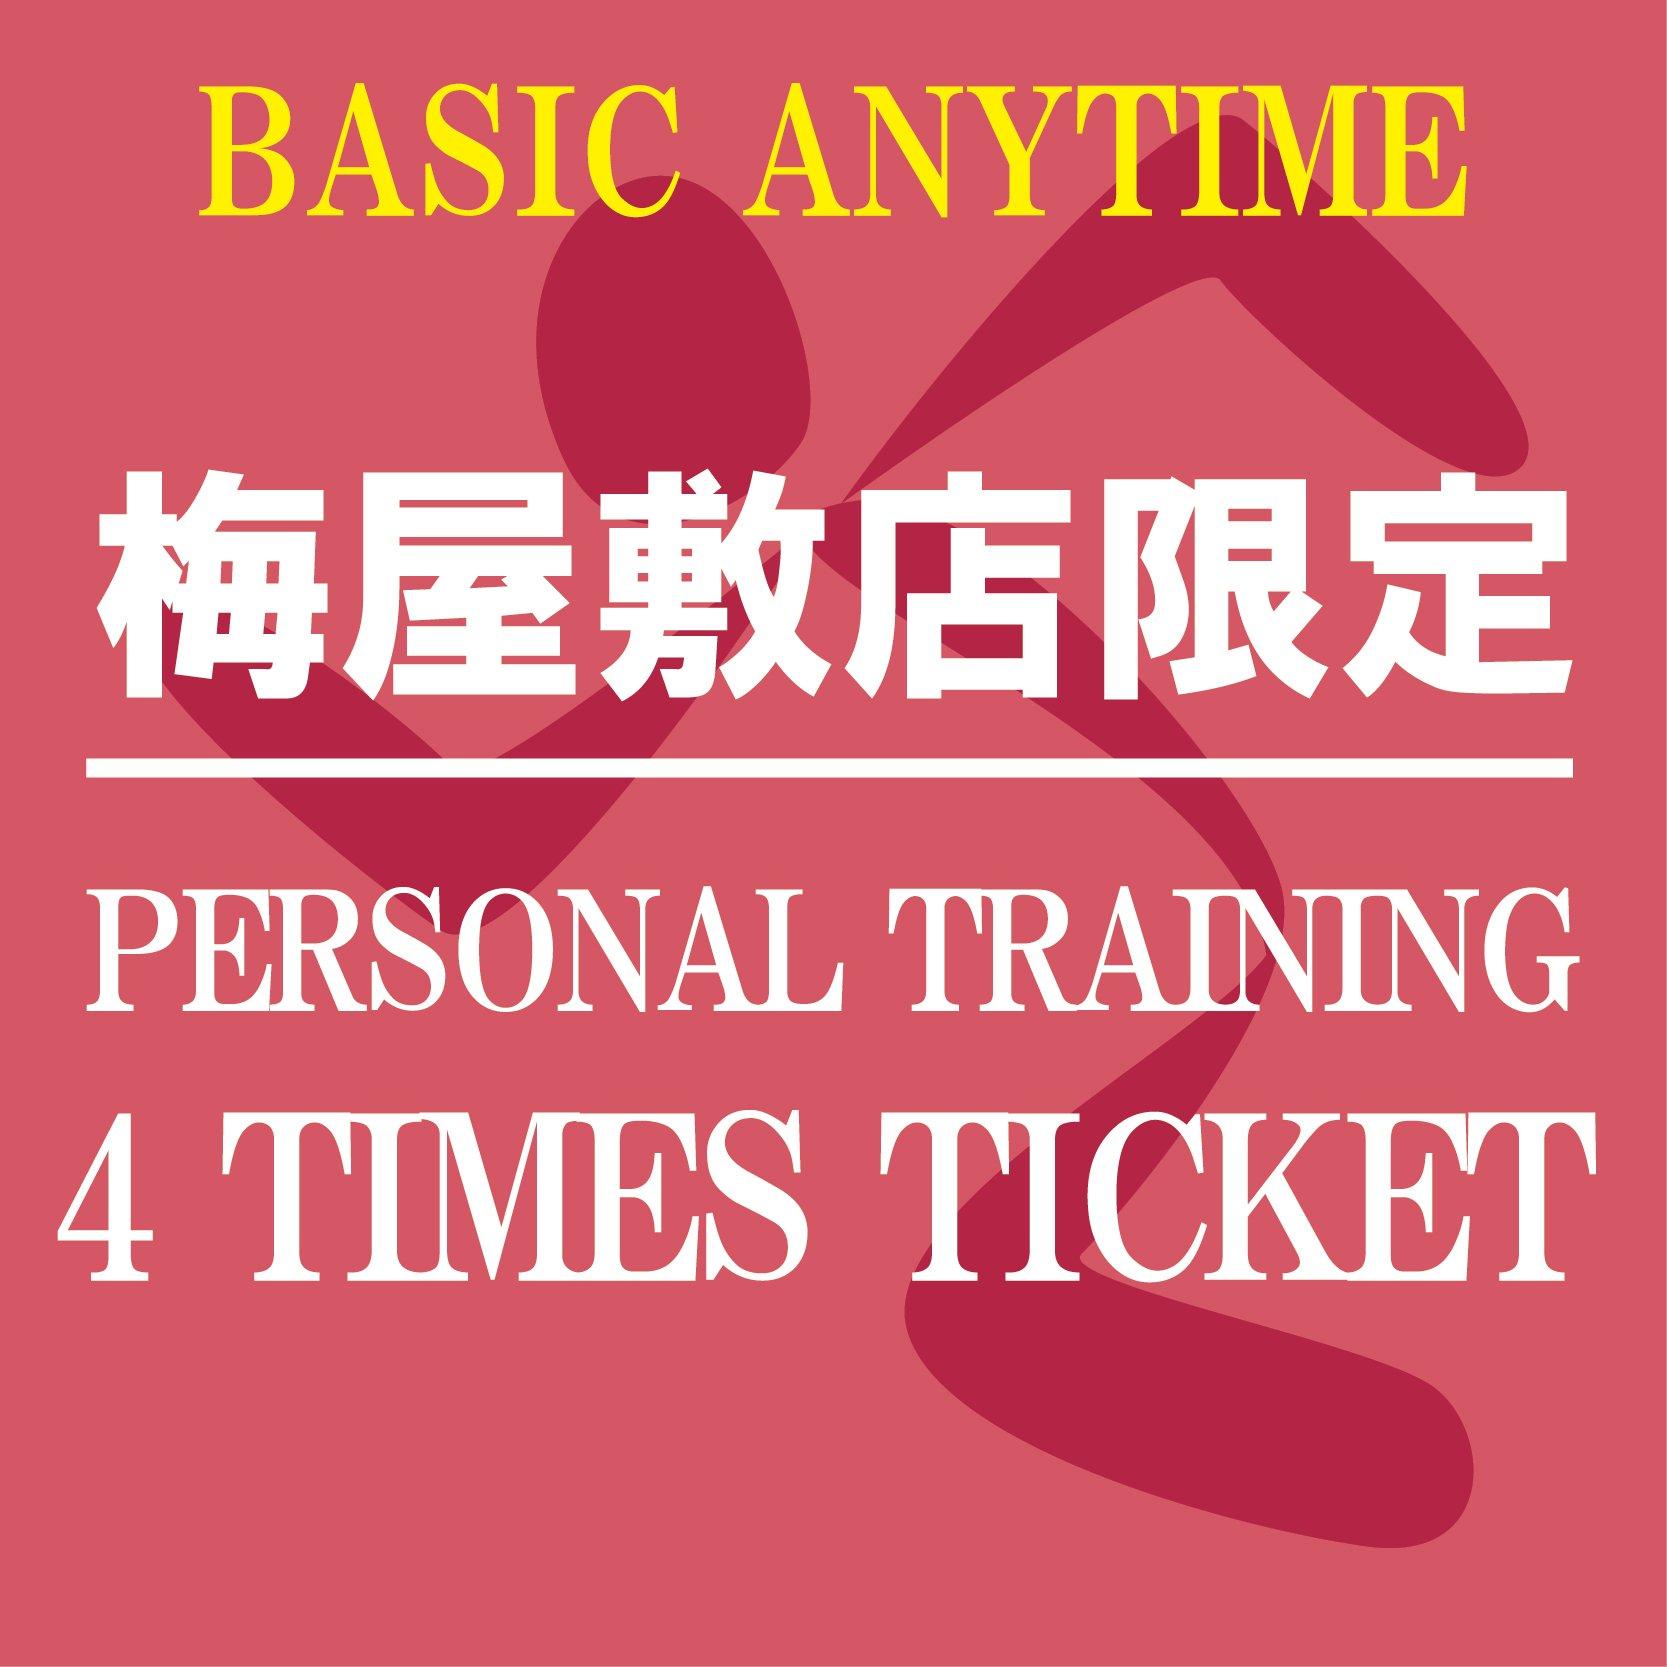 パーソナルトレーニング60分4回チケット〜ANYTIME BASIC〜[エニタイムフィットネス梅屋敷店限定]のイメージその1